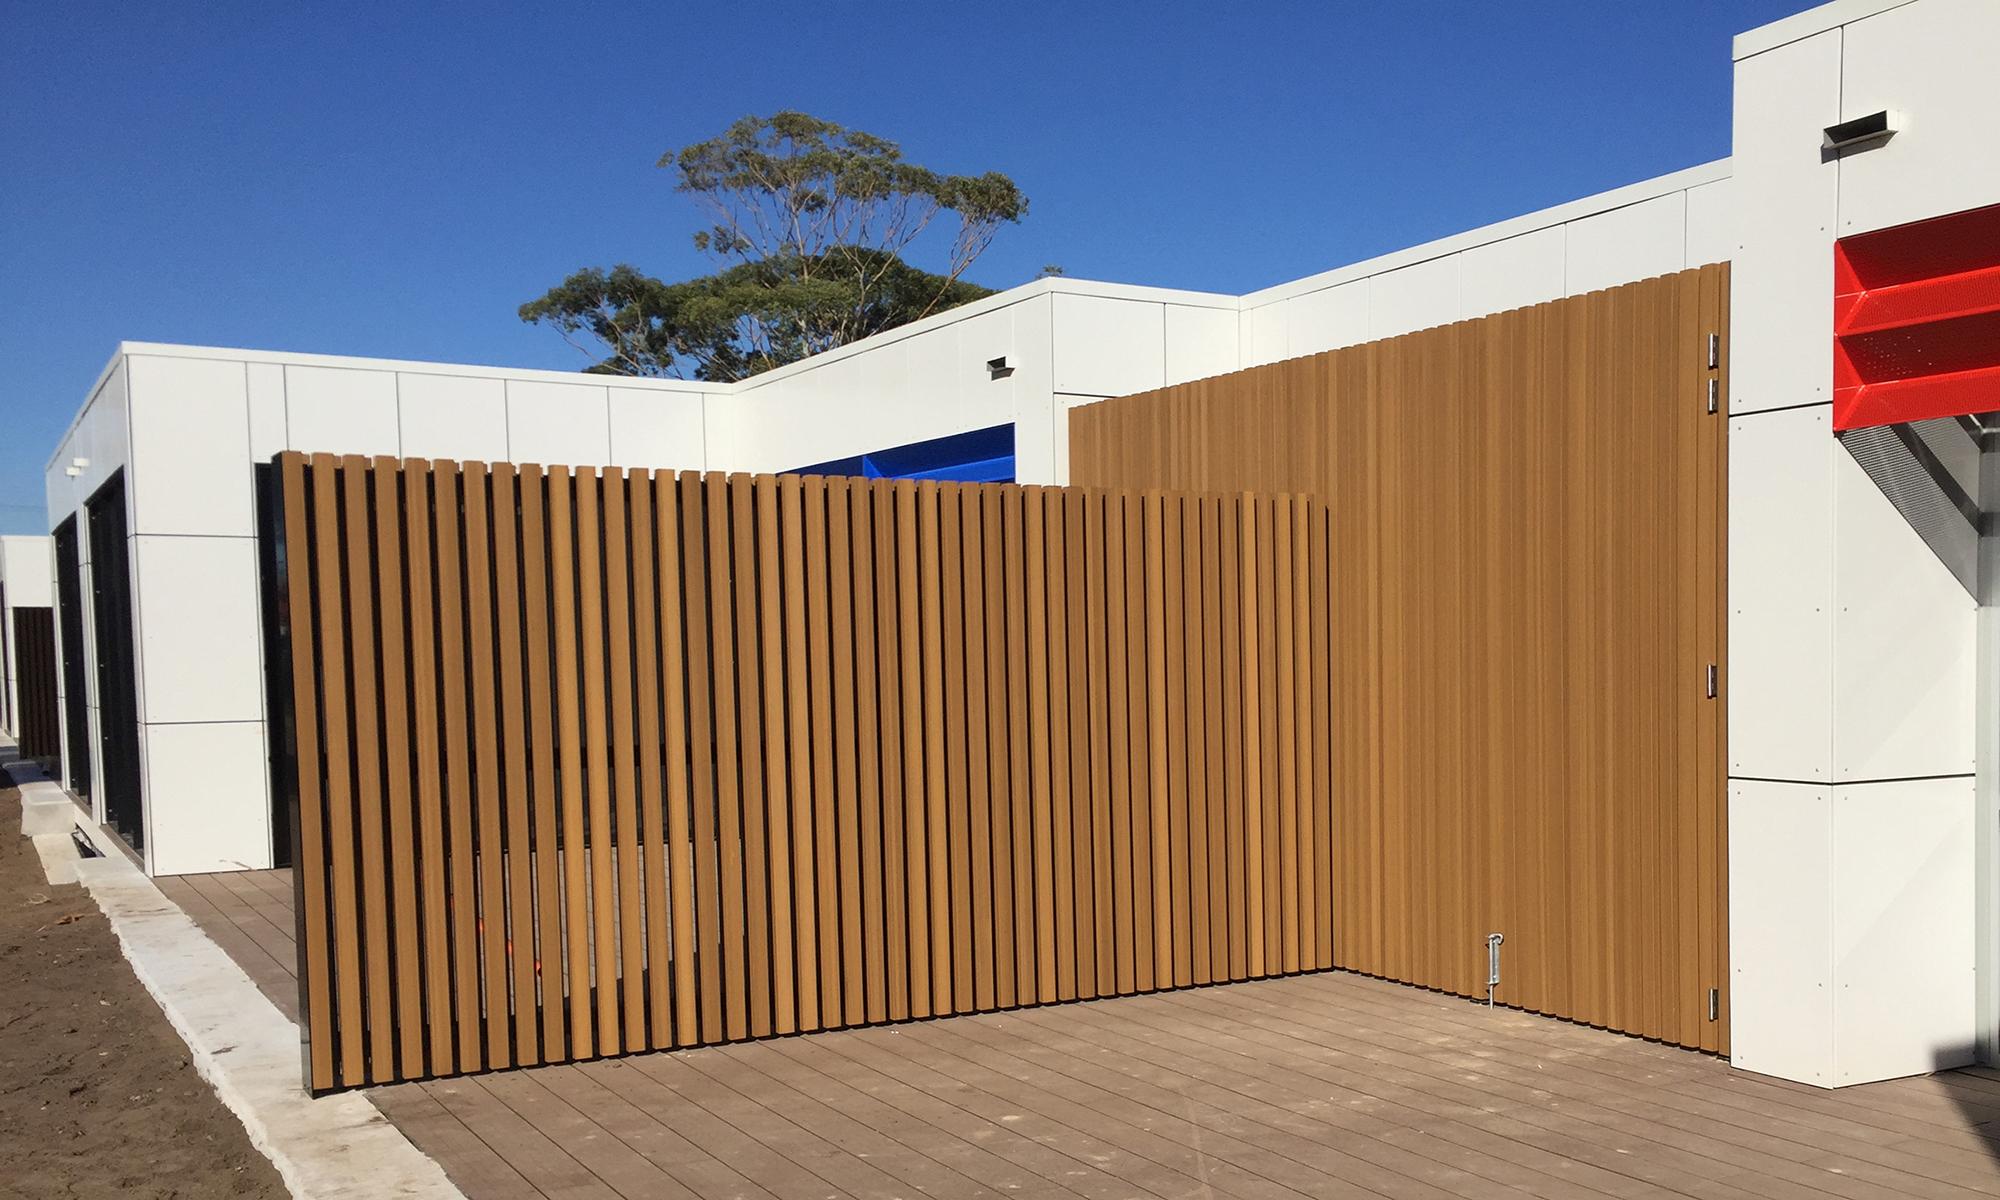 Cairnsfoot School Composite Timber Decking Composite